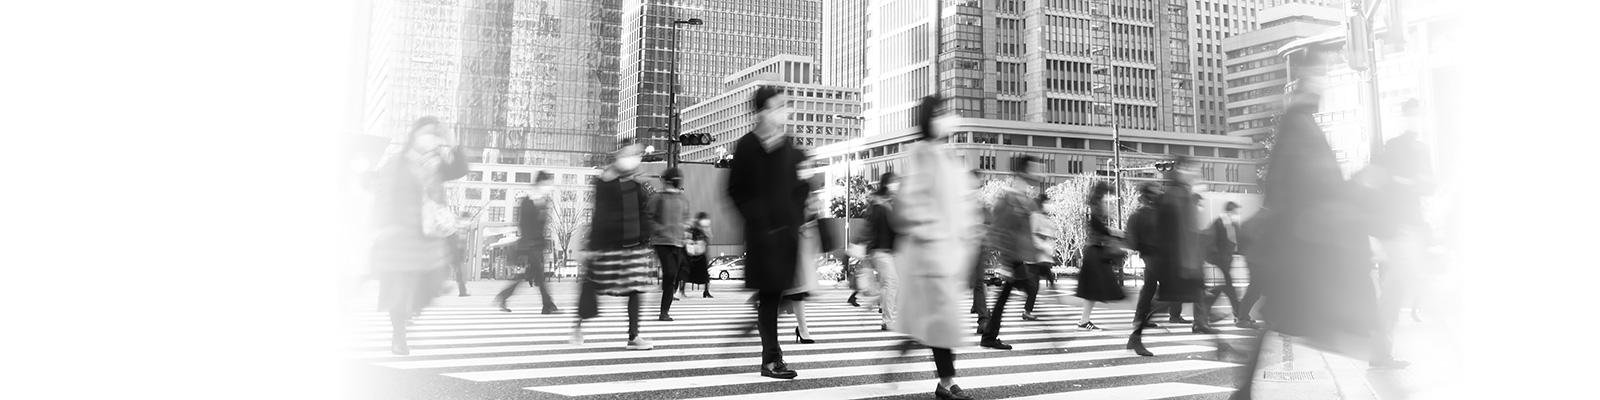 日本 通勤 人材 イメージ